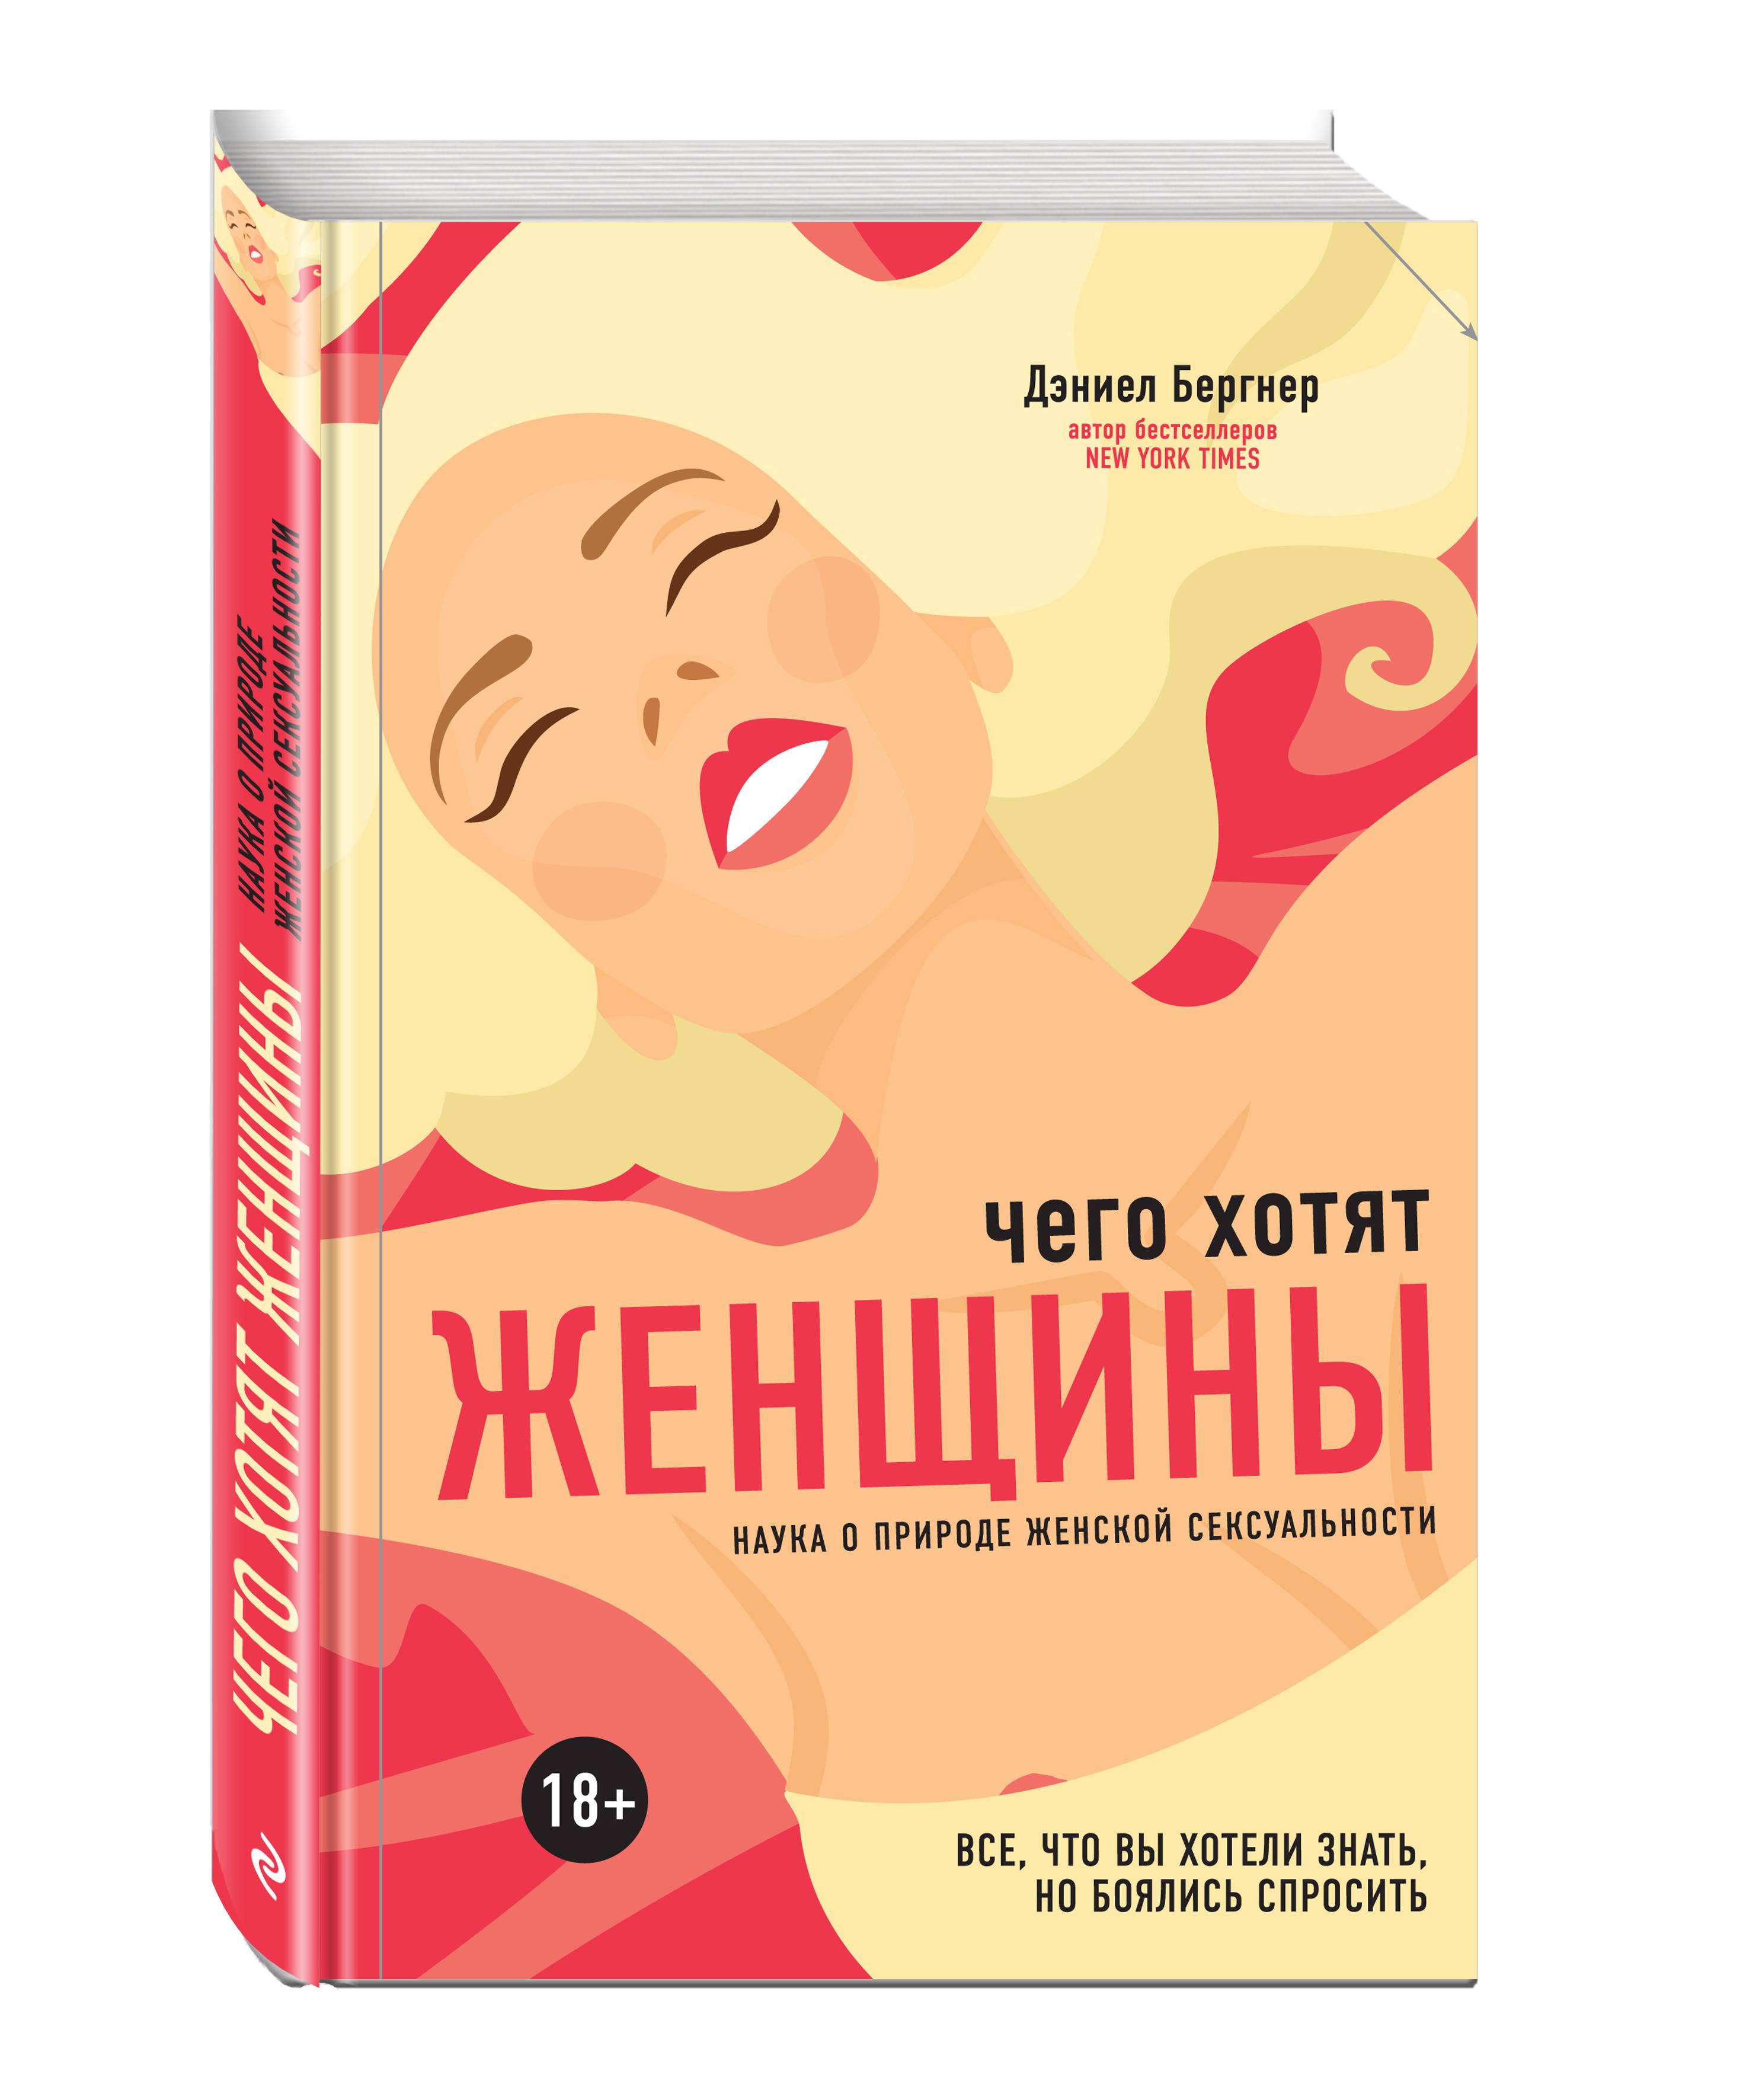 krasivaya-sekretarsha-porno-russkoe